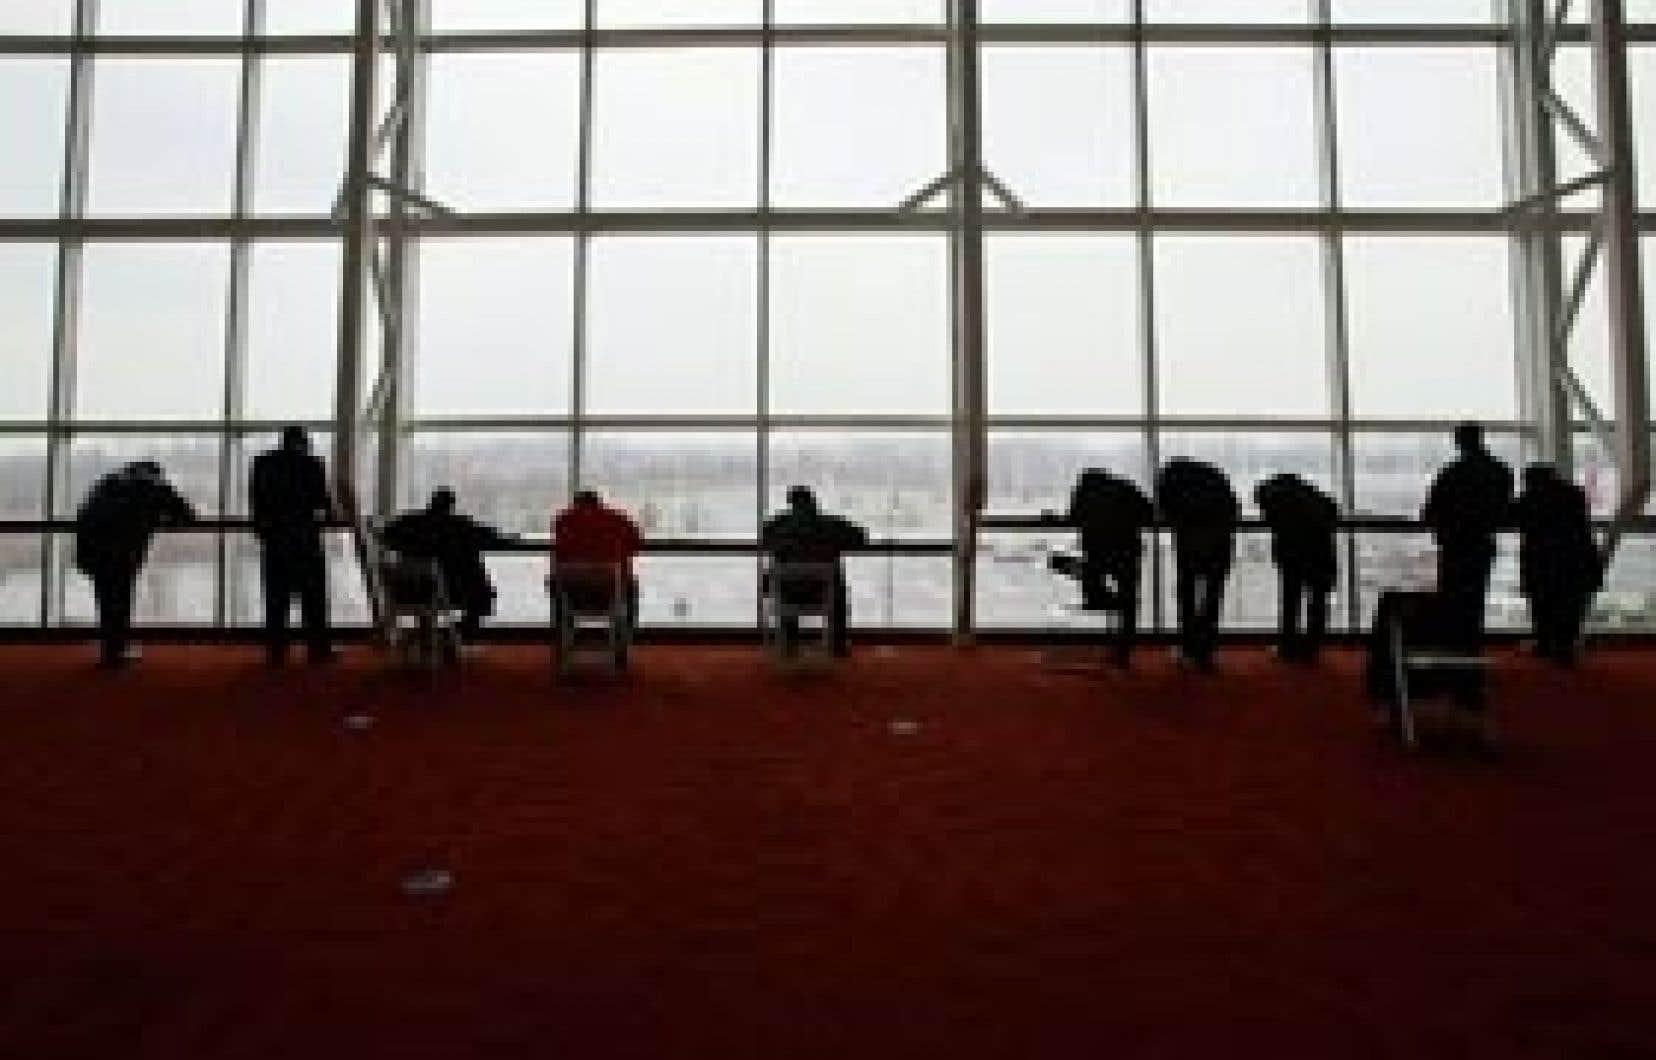 Des chômeurs remplissent des demandes d'emploi lors d'un salon tenu dans la banlieue de Washington. Depuis le début de la récession en décembre 2007, les pertes d'emplois ont atteint 5,1 millions aux États-Unis.